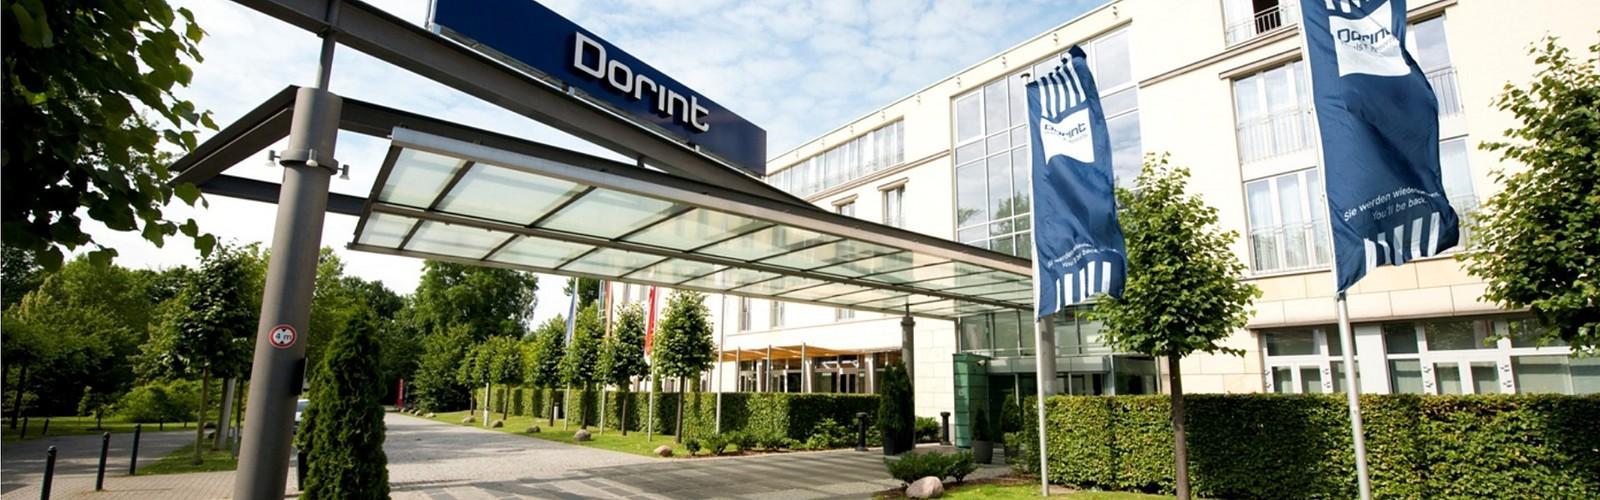 Dorint Hotel Potsdam - exterior view (c) Dorint Hotel